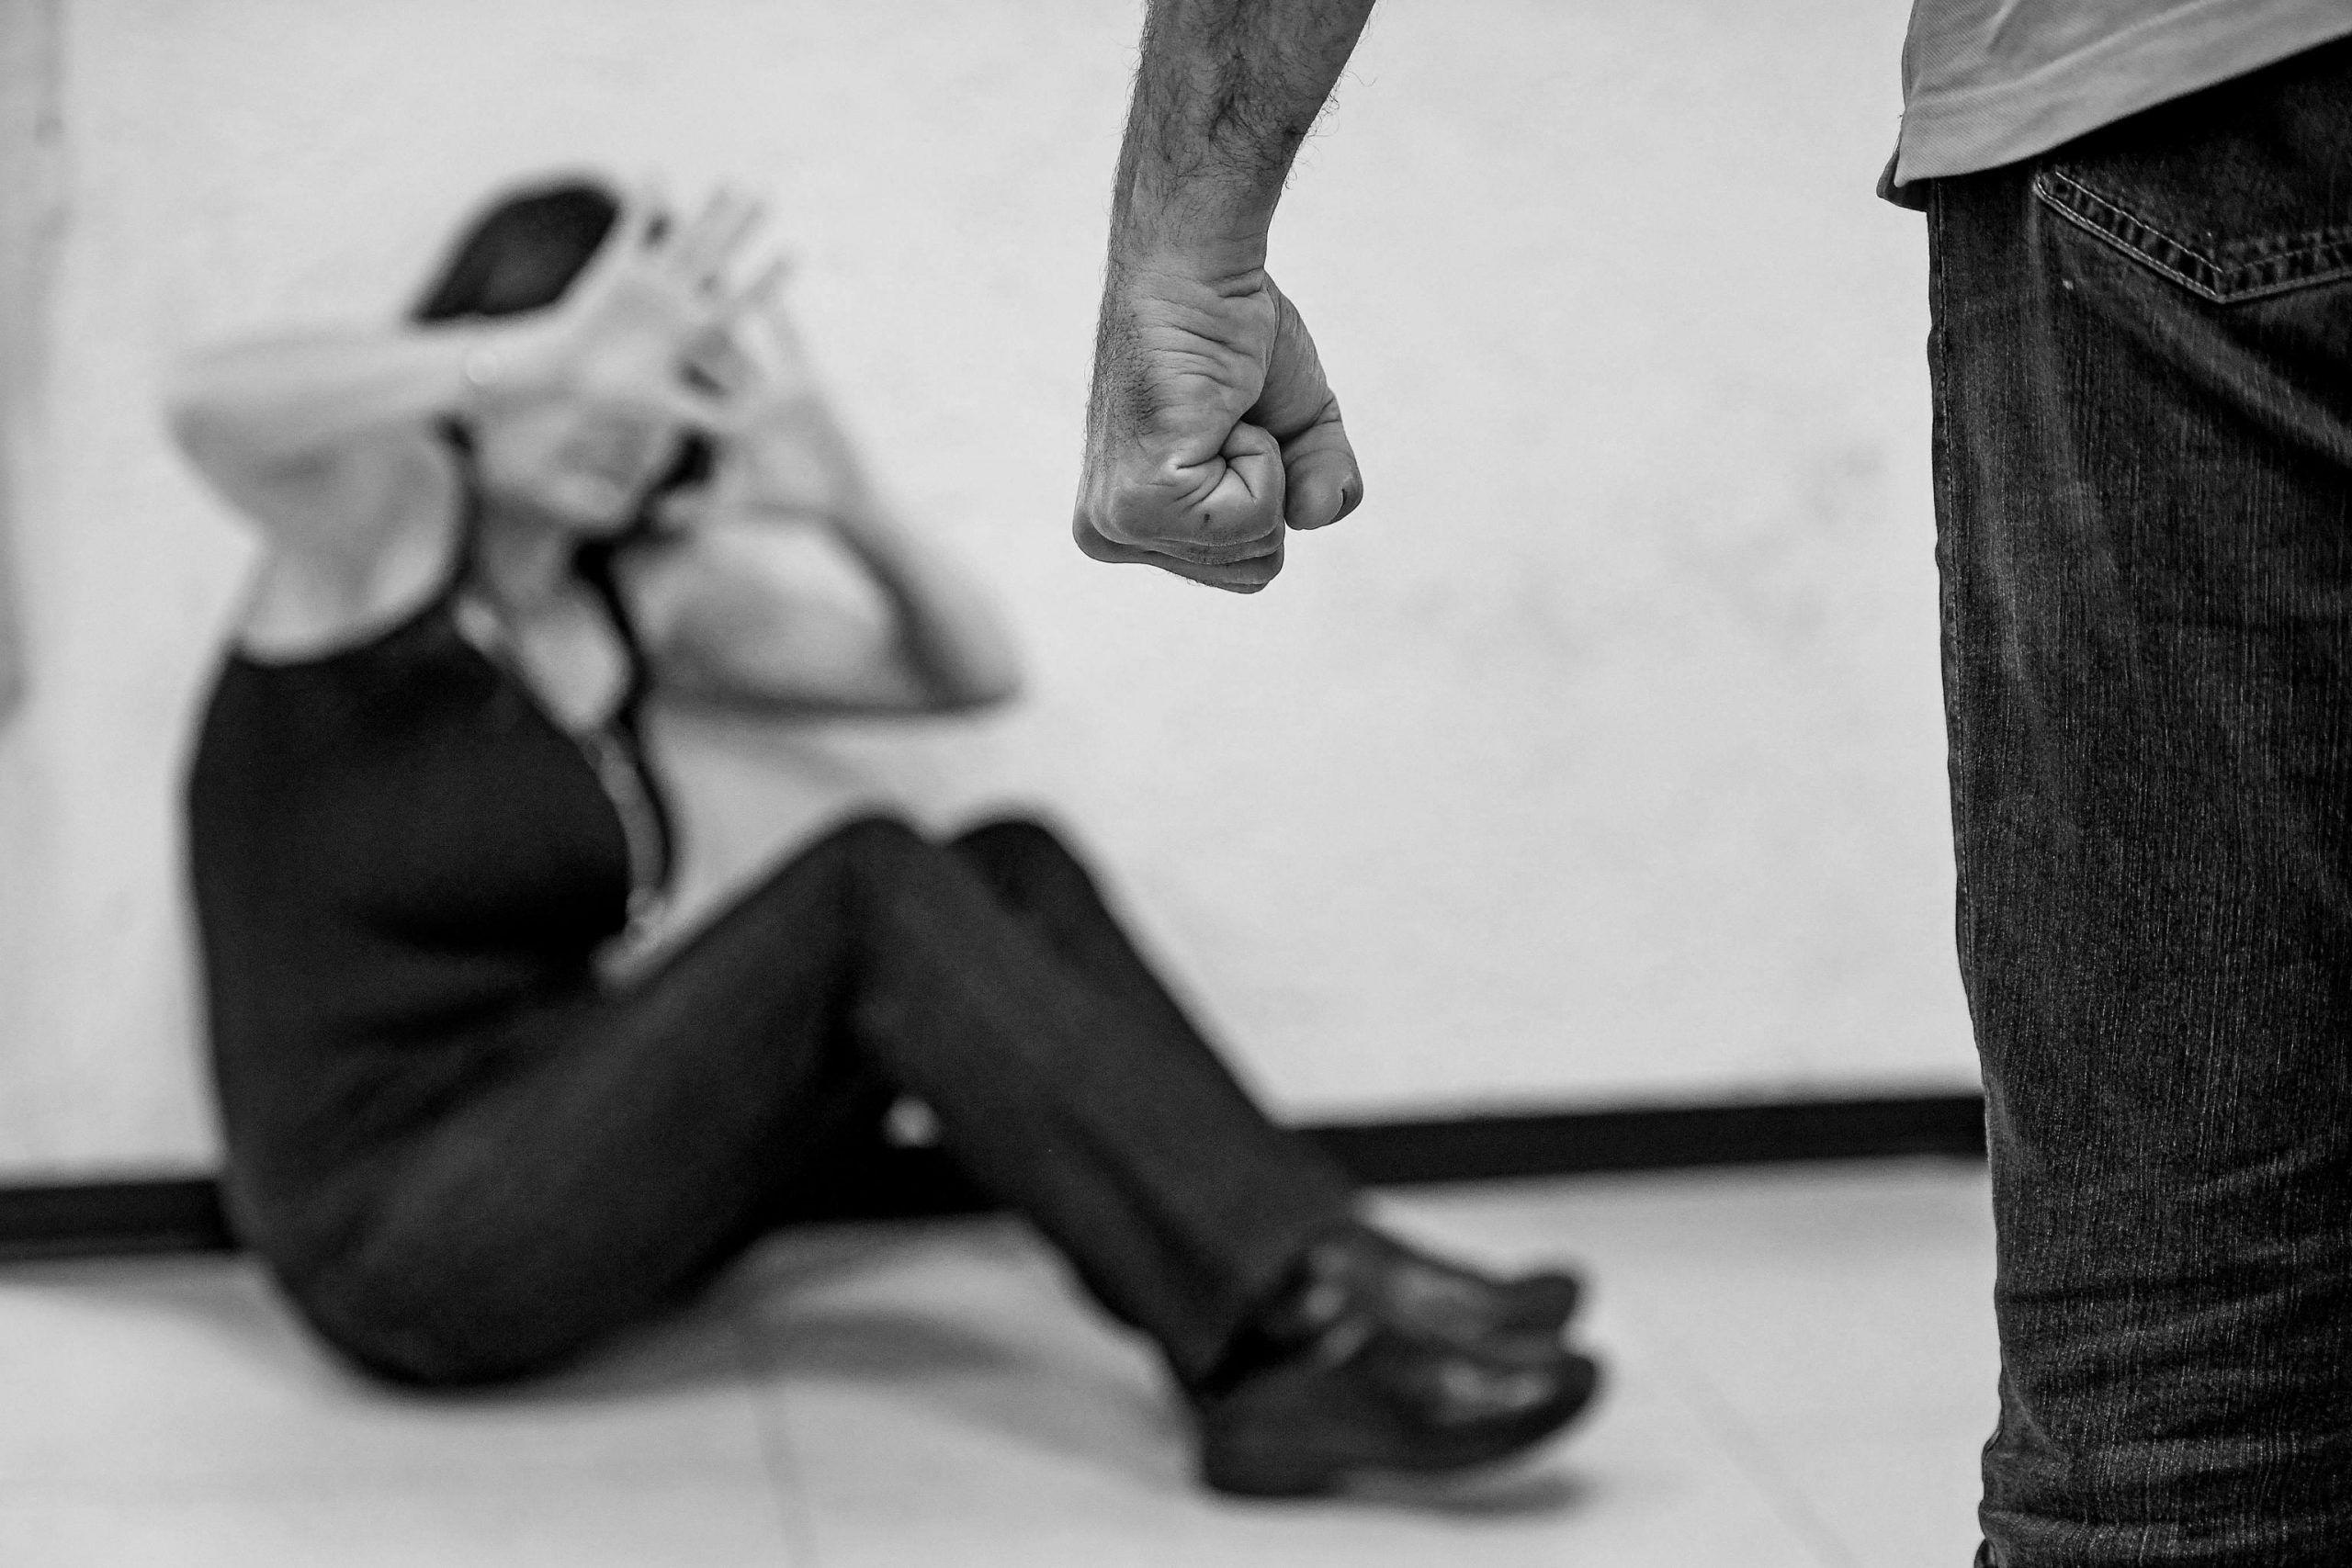 Violentata incinta e davanti al figlio piccolo, donna mette in fuga lo stupratore mordendogli il pene